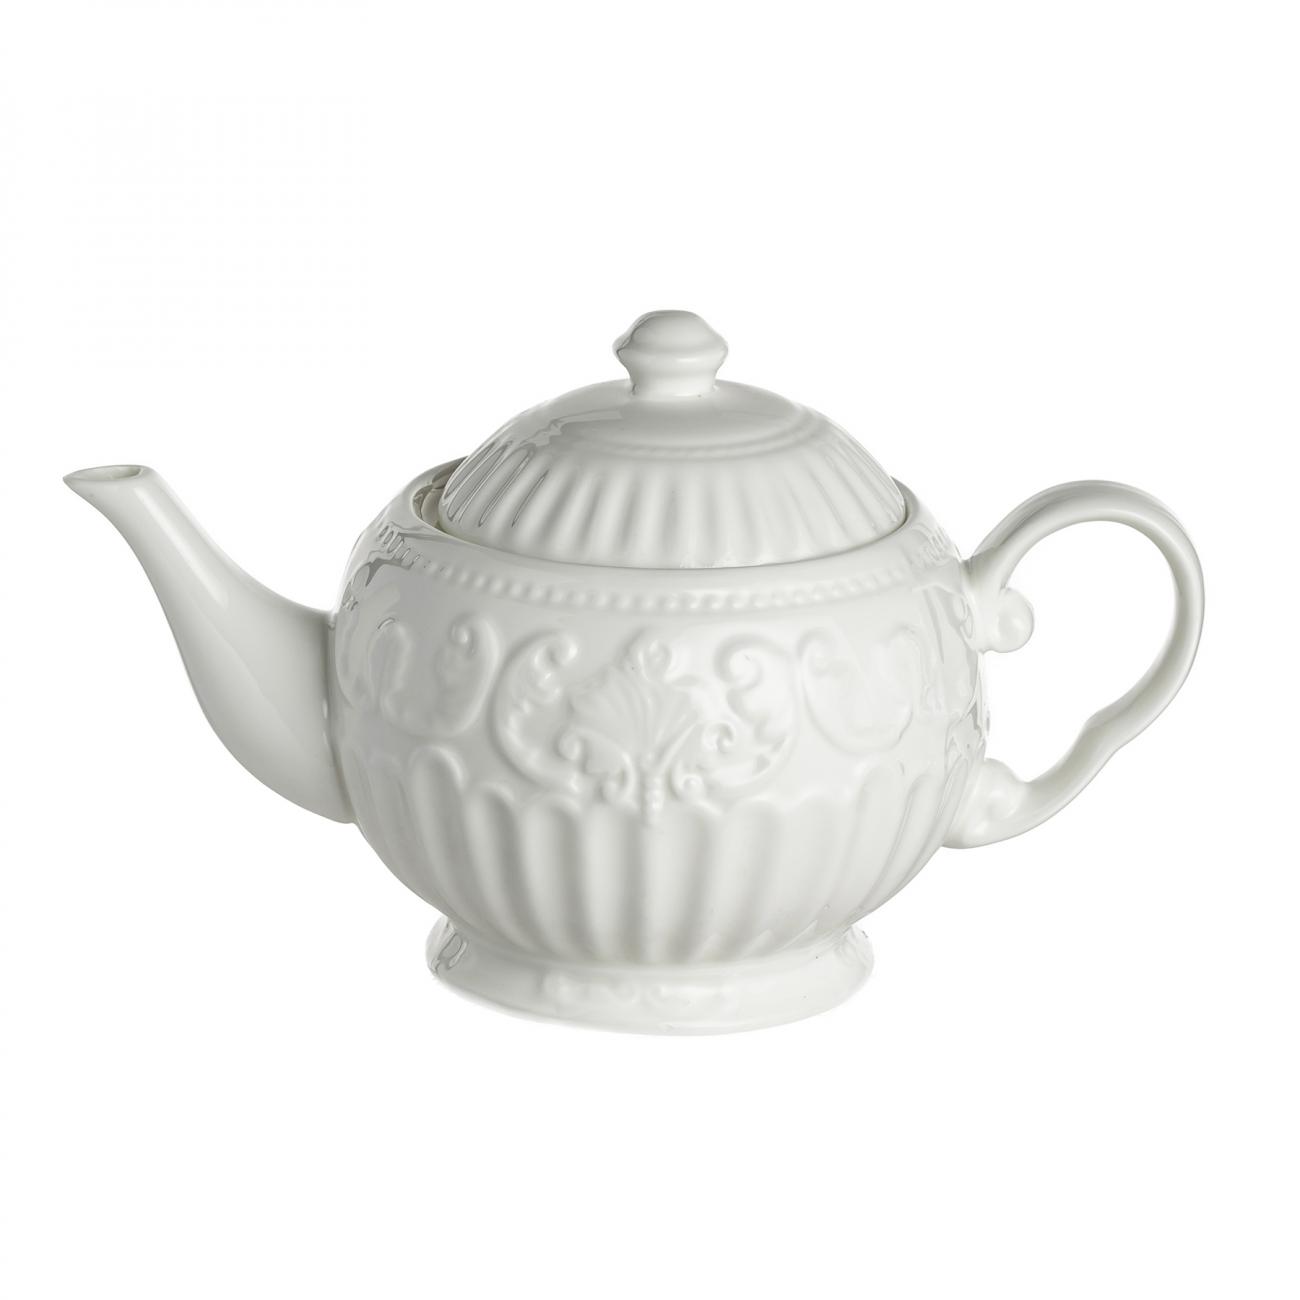 Купить Чайник Белоснежный в интернет магазине дизайнерской мебели и аксессуаров для дома и дачи